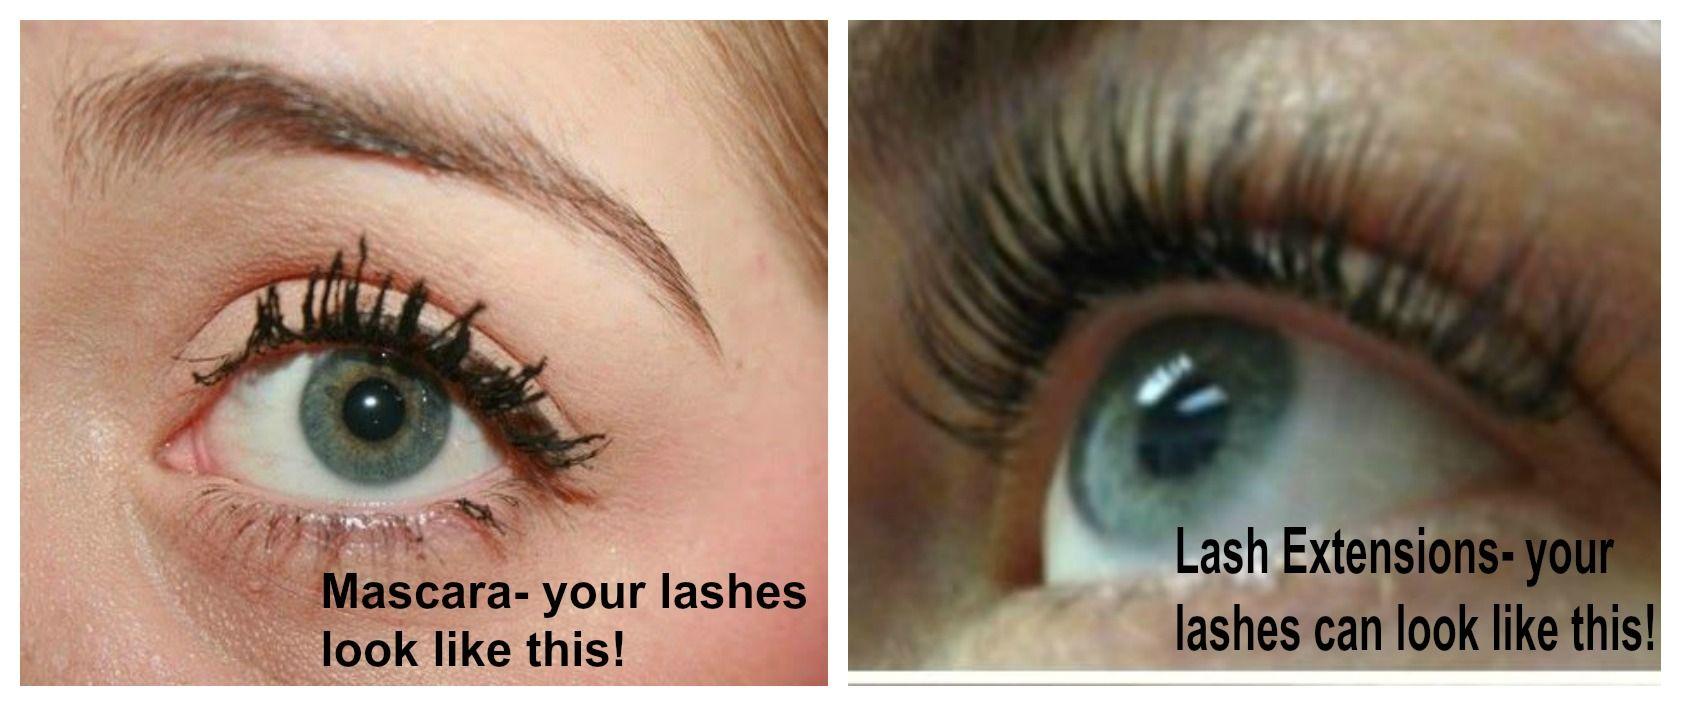 Mascara vs. Lash Extensions! GET LASH EXTENSIONS, no